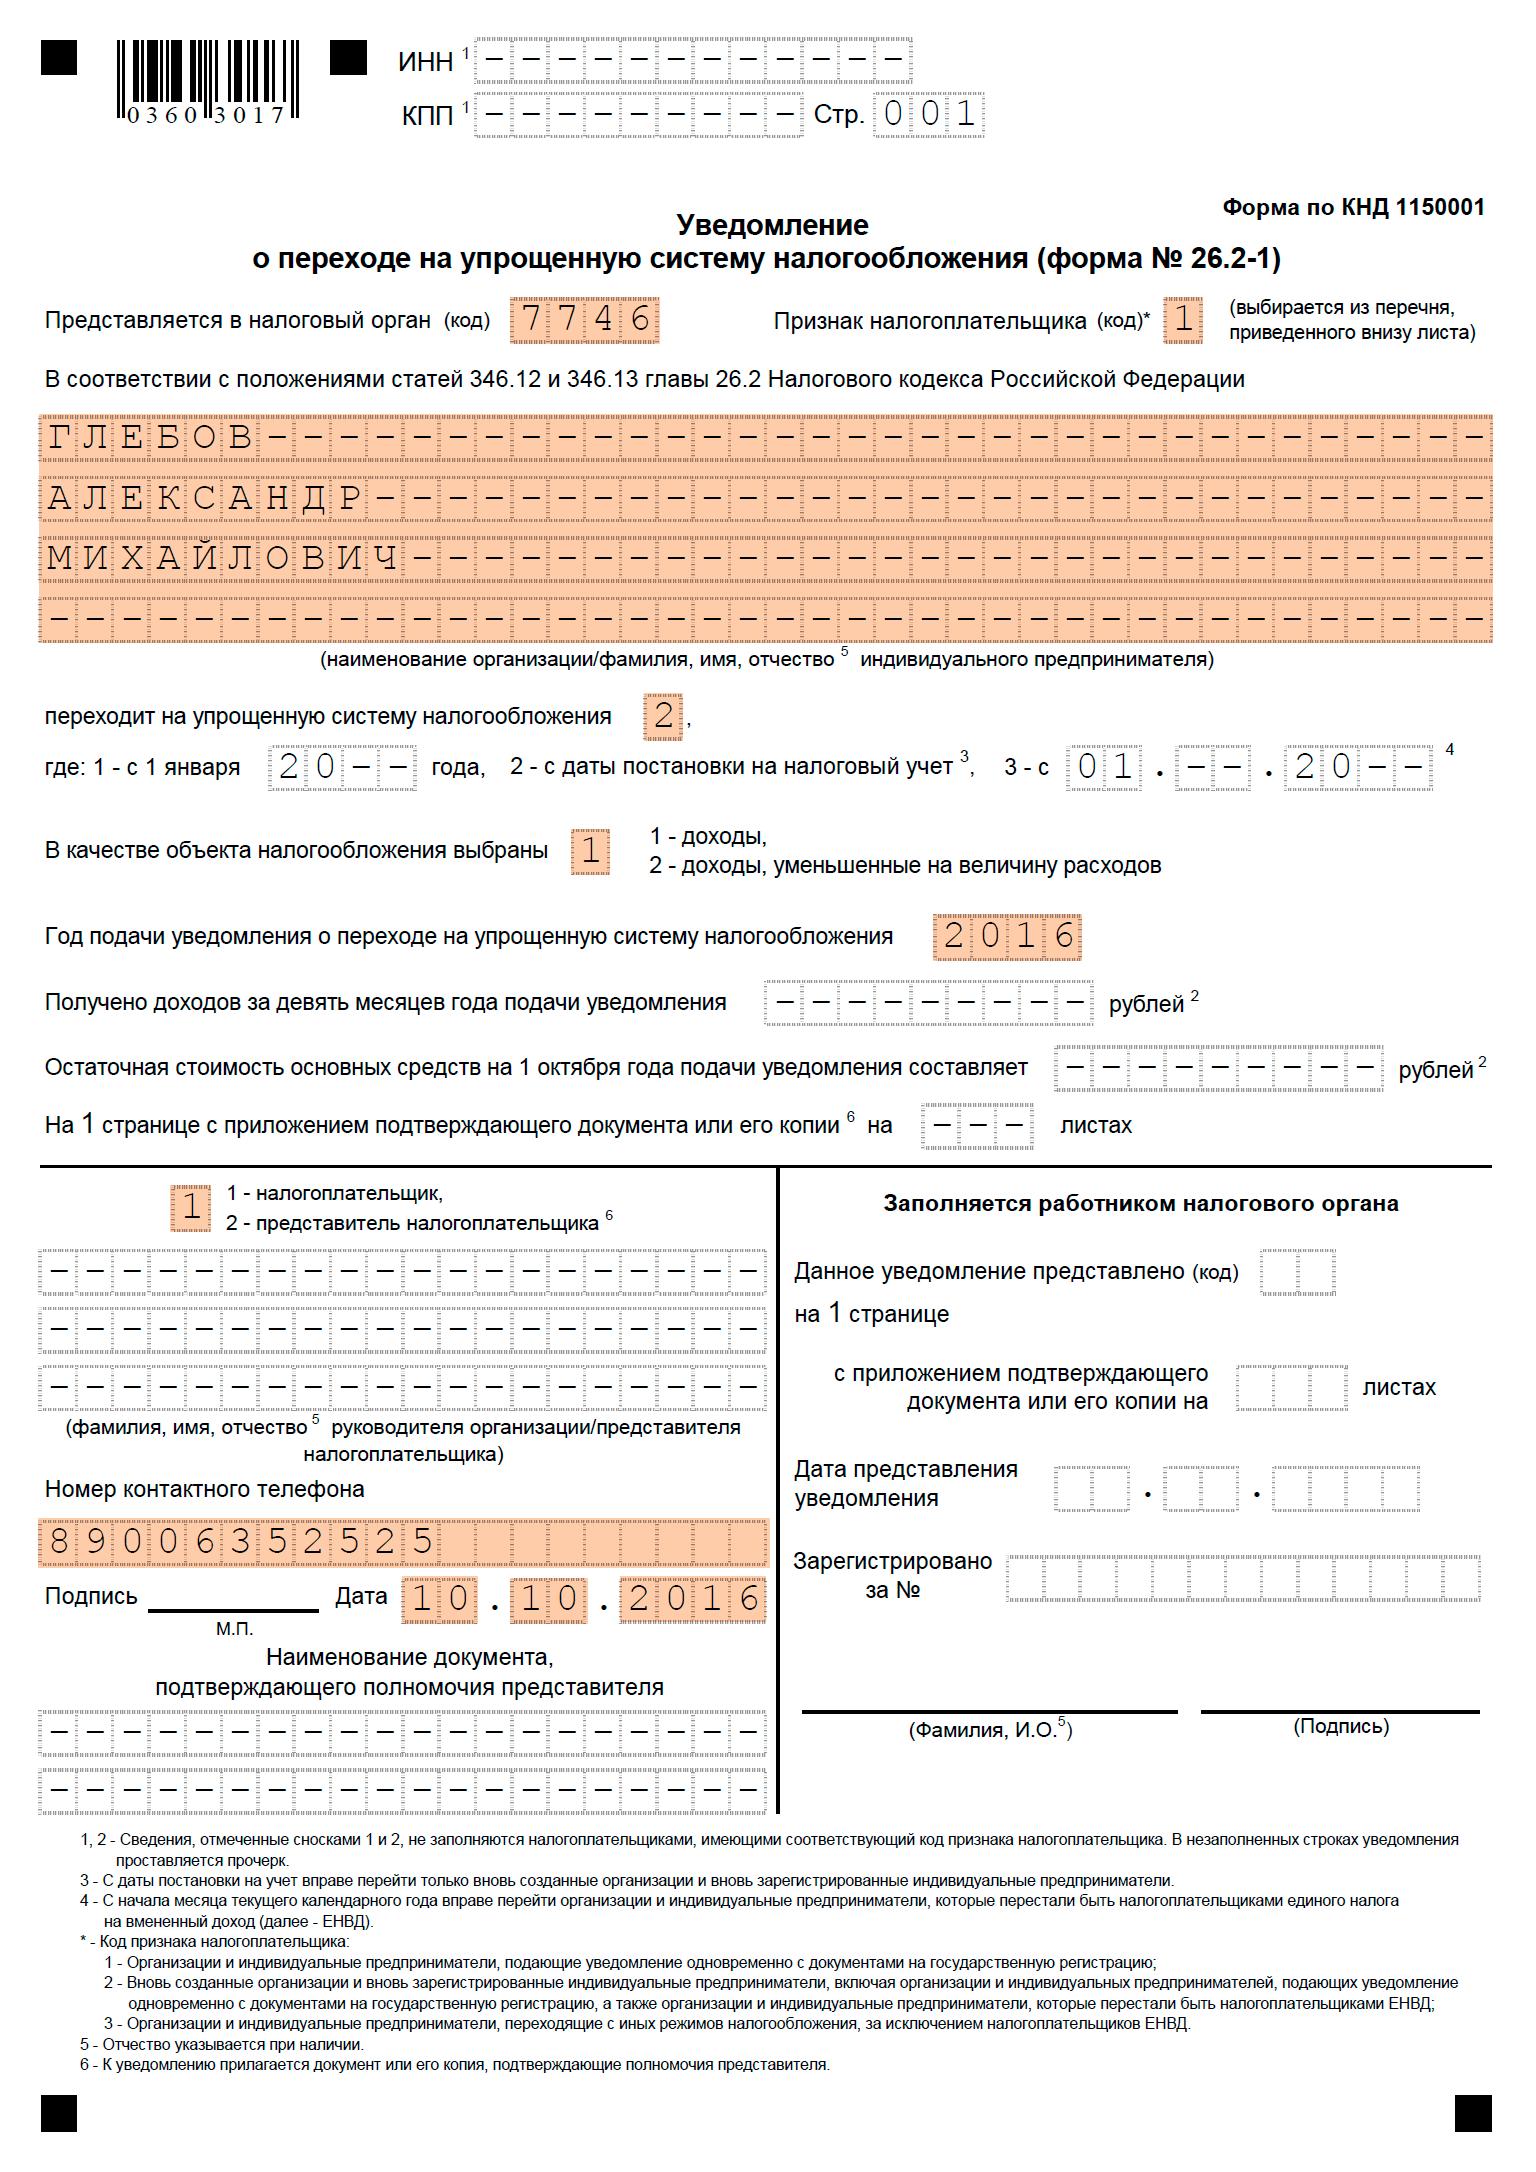 Бланк заявления на усн 2017 скачать бланк